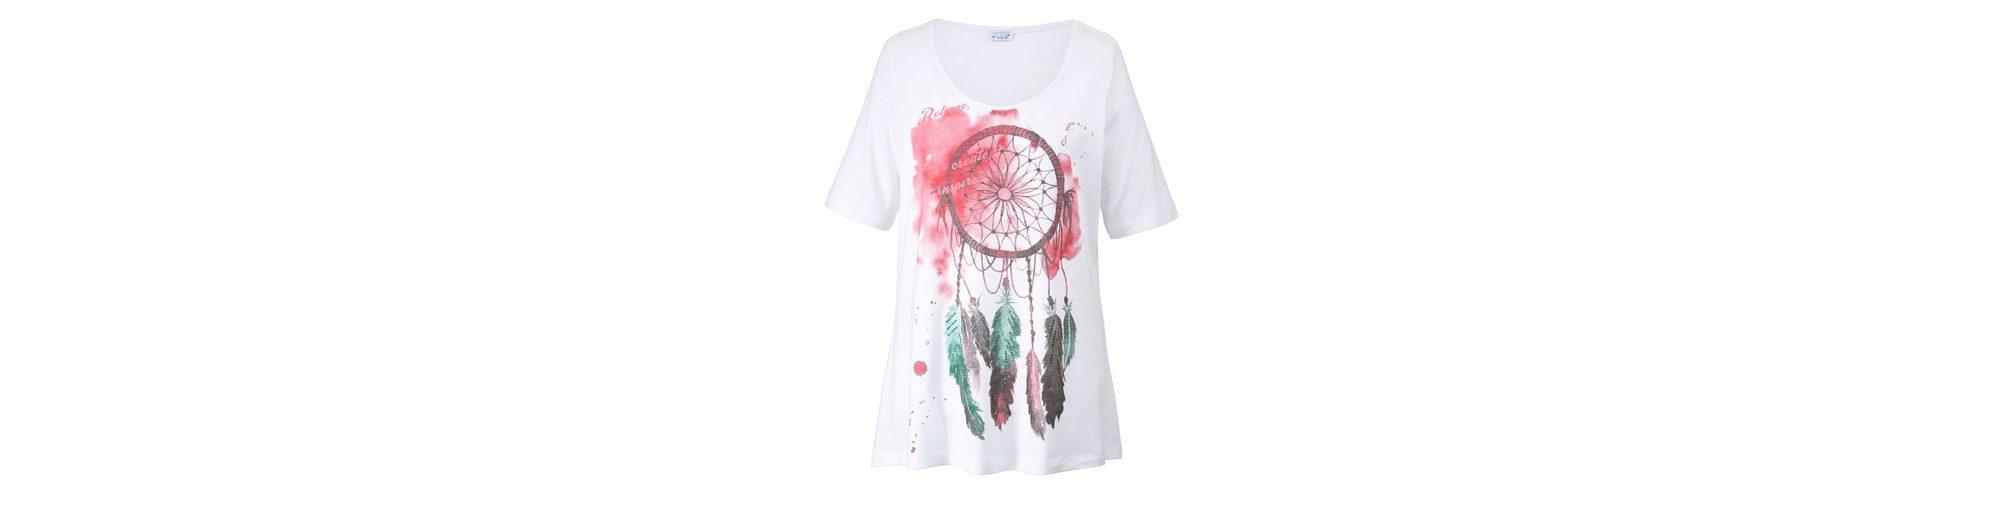 Geschäft Angel of Style by Happy Size Shirt mit Frontprint Traumfänger Günstig Kaufen Angebote Billig Gutes Verkauf Verkauf Niedrigen Preis Versandgebühr Gutes Verkauf Günstiger Preis aEW5DG